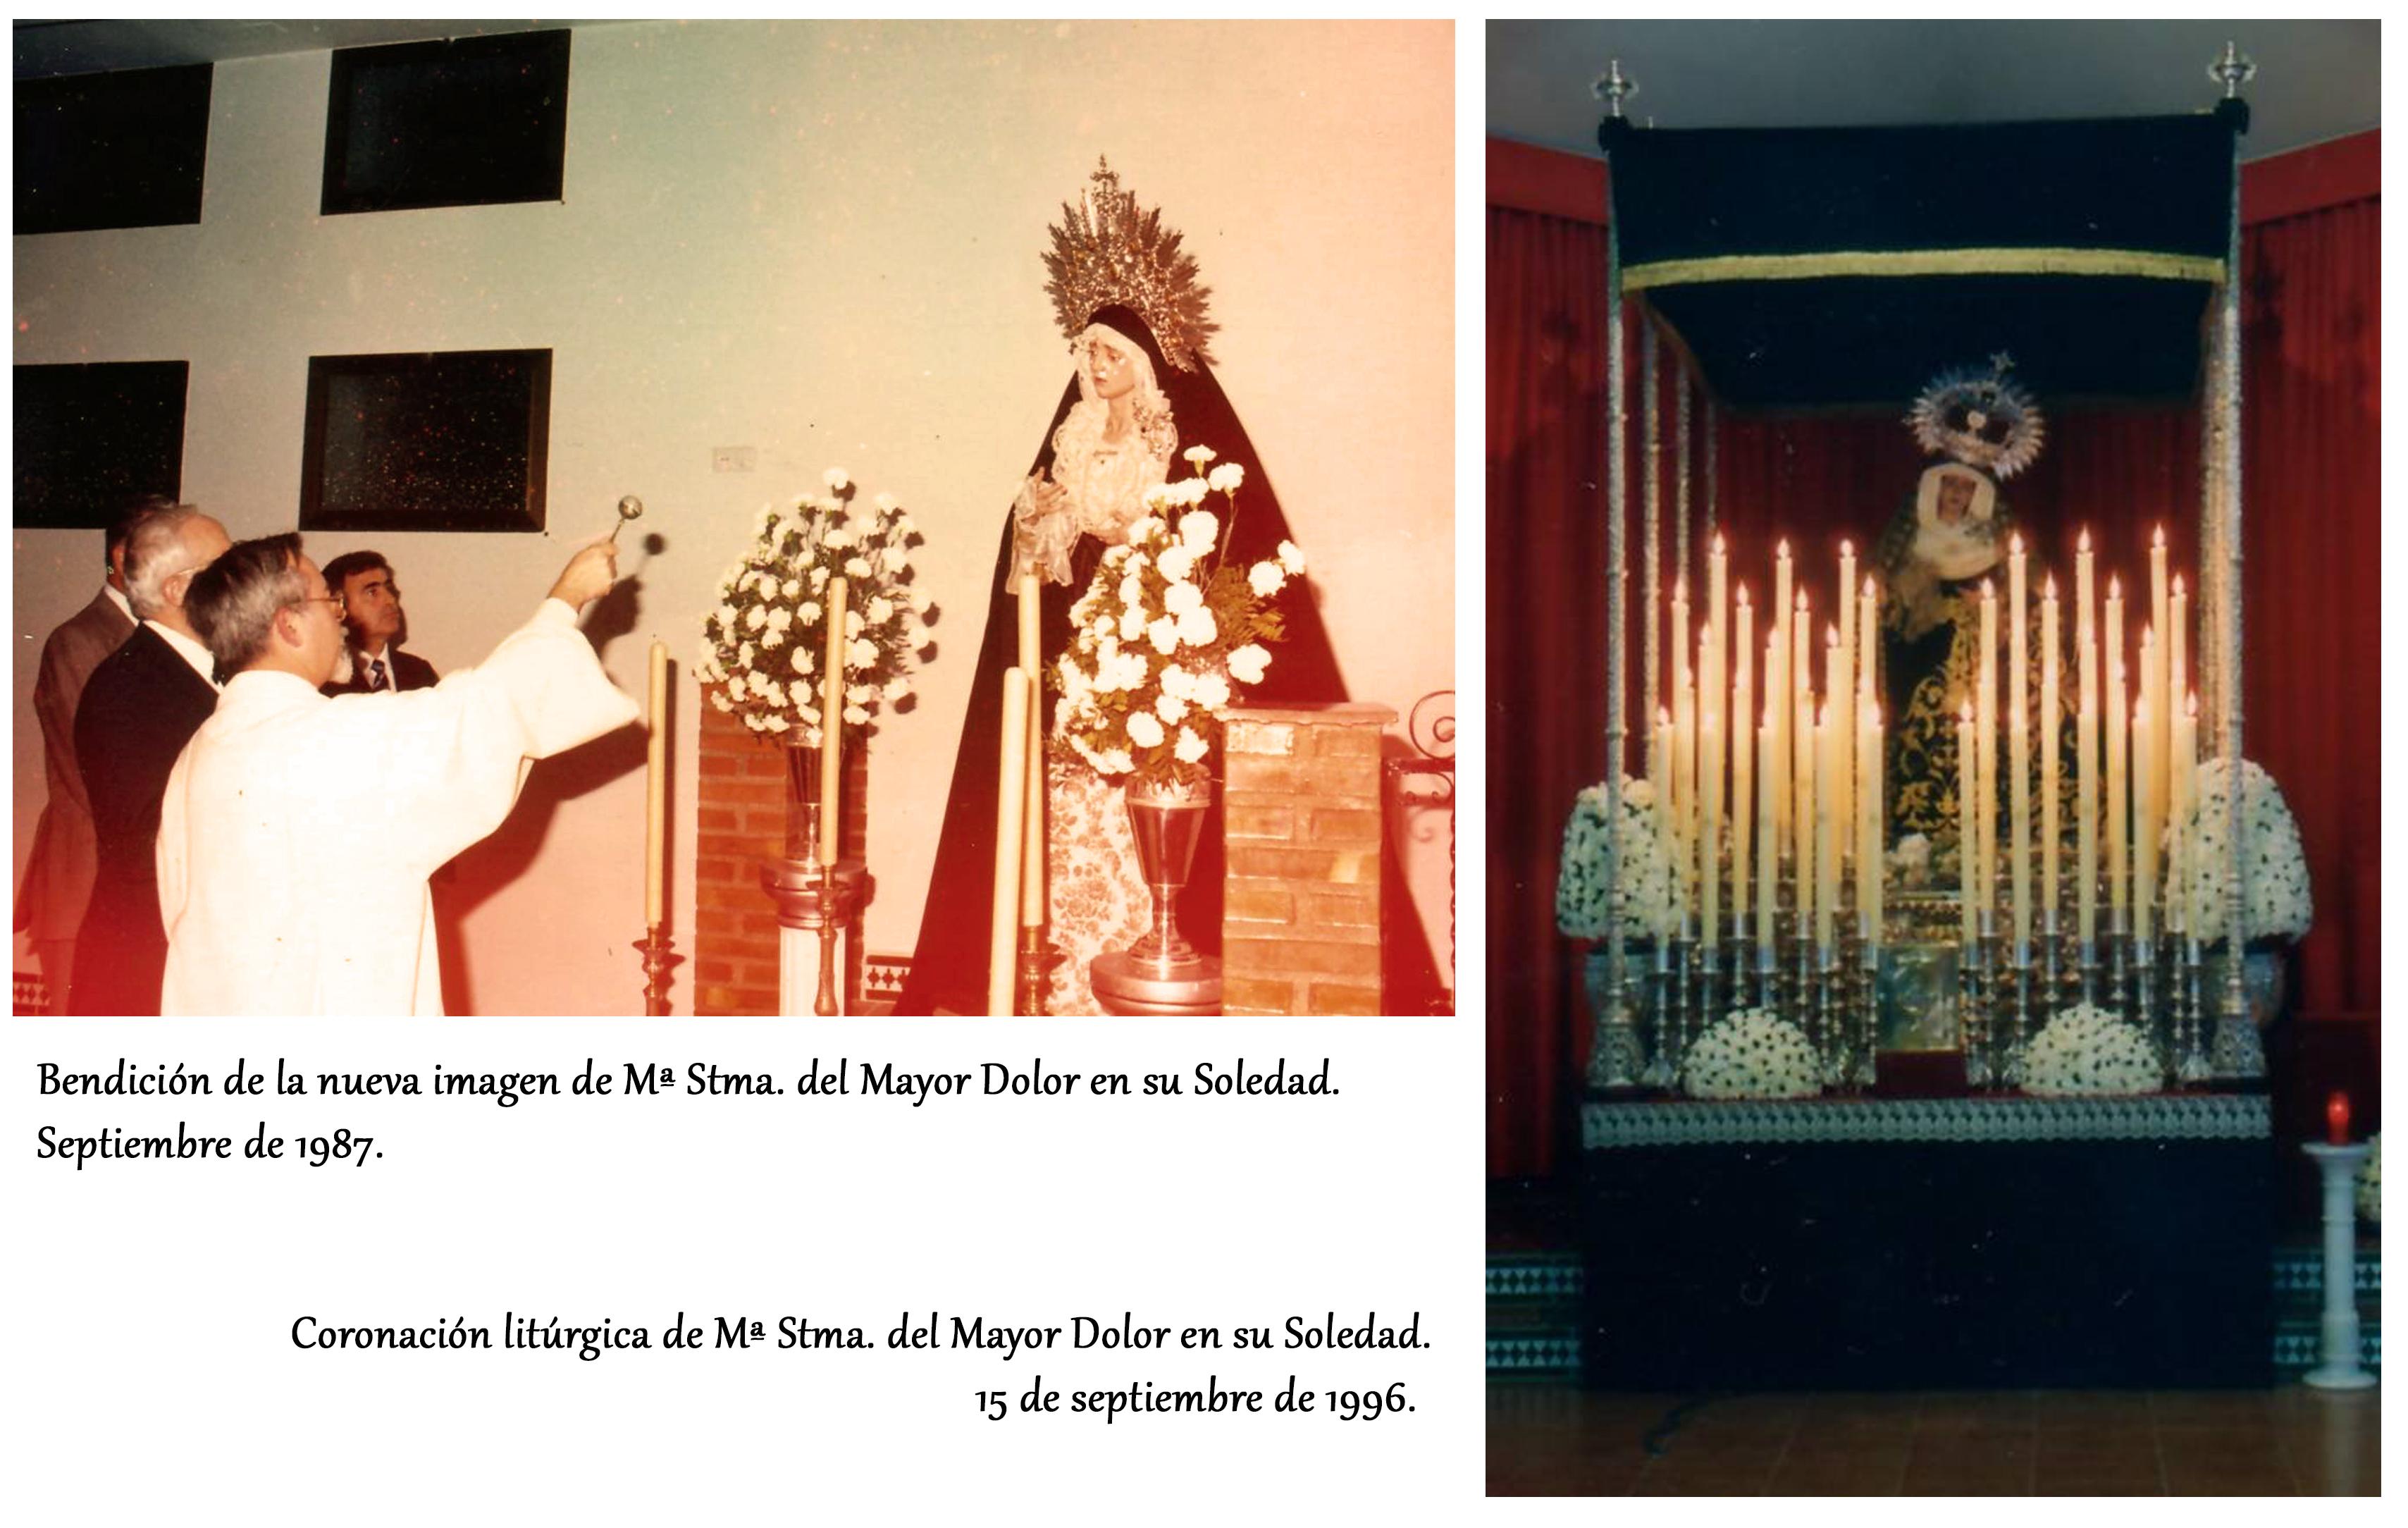 bendición y coronación litúrgica